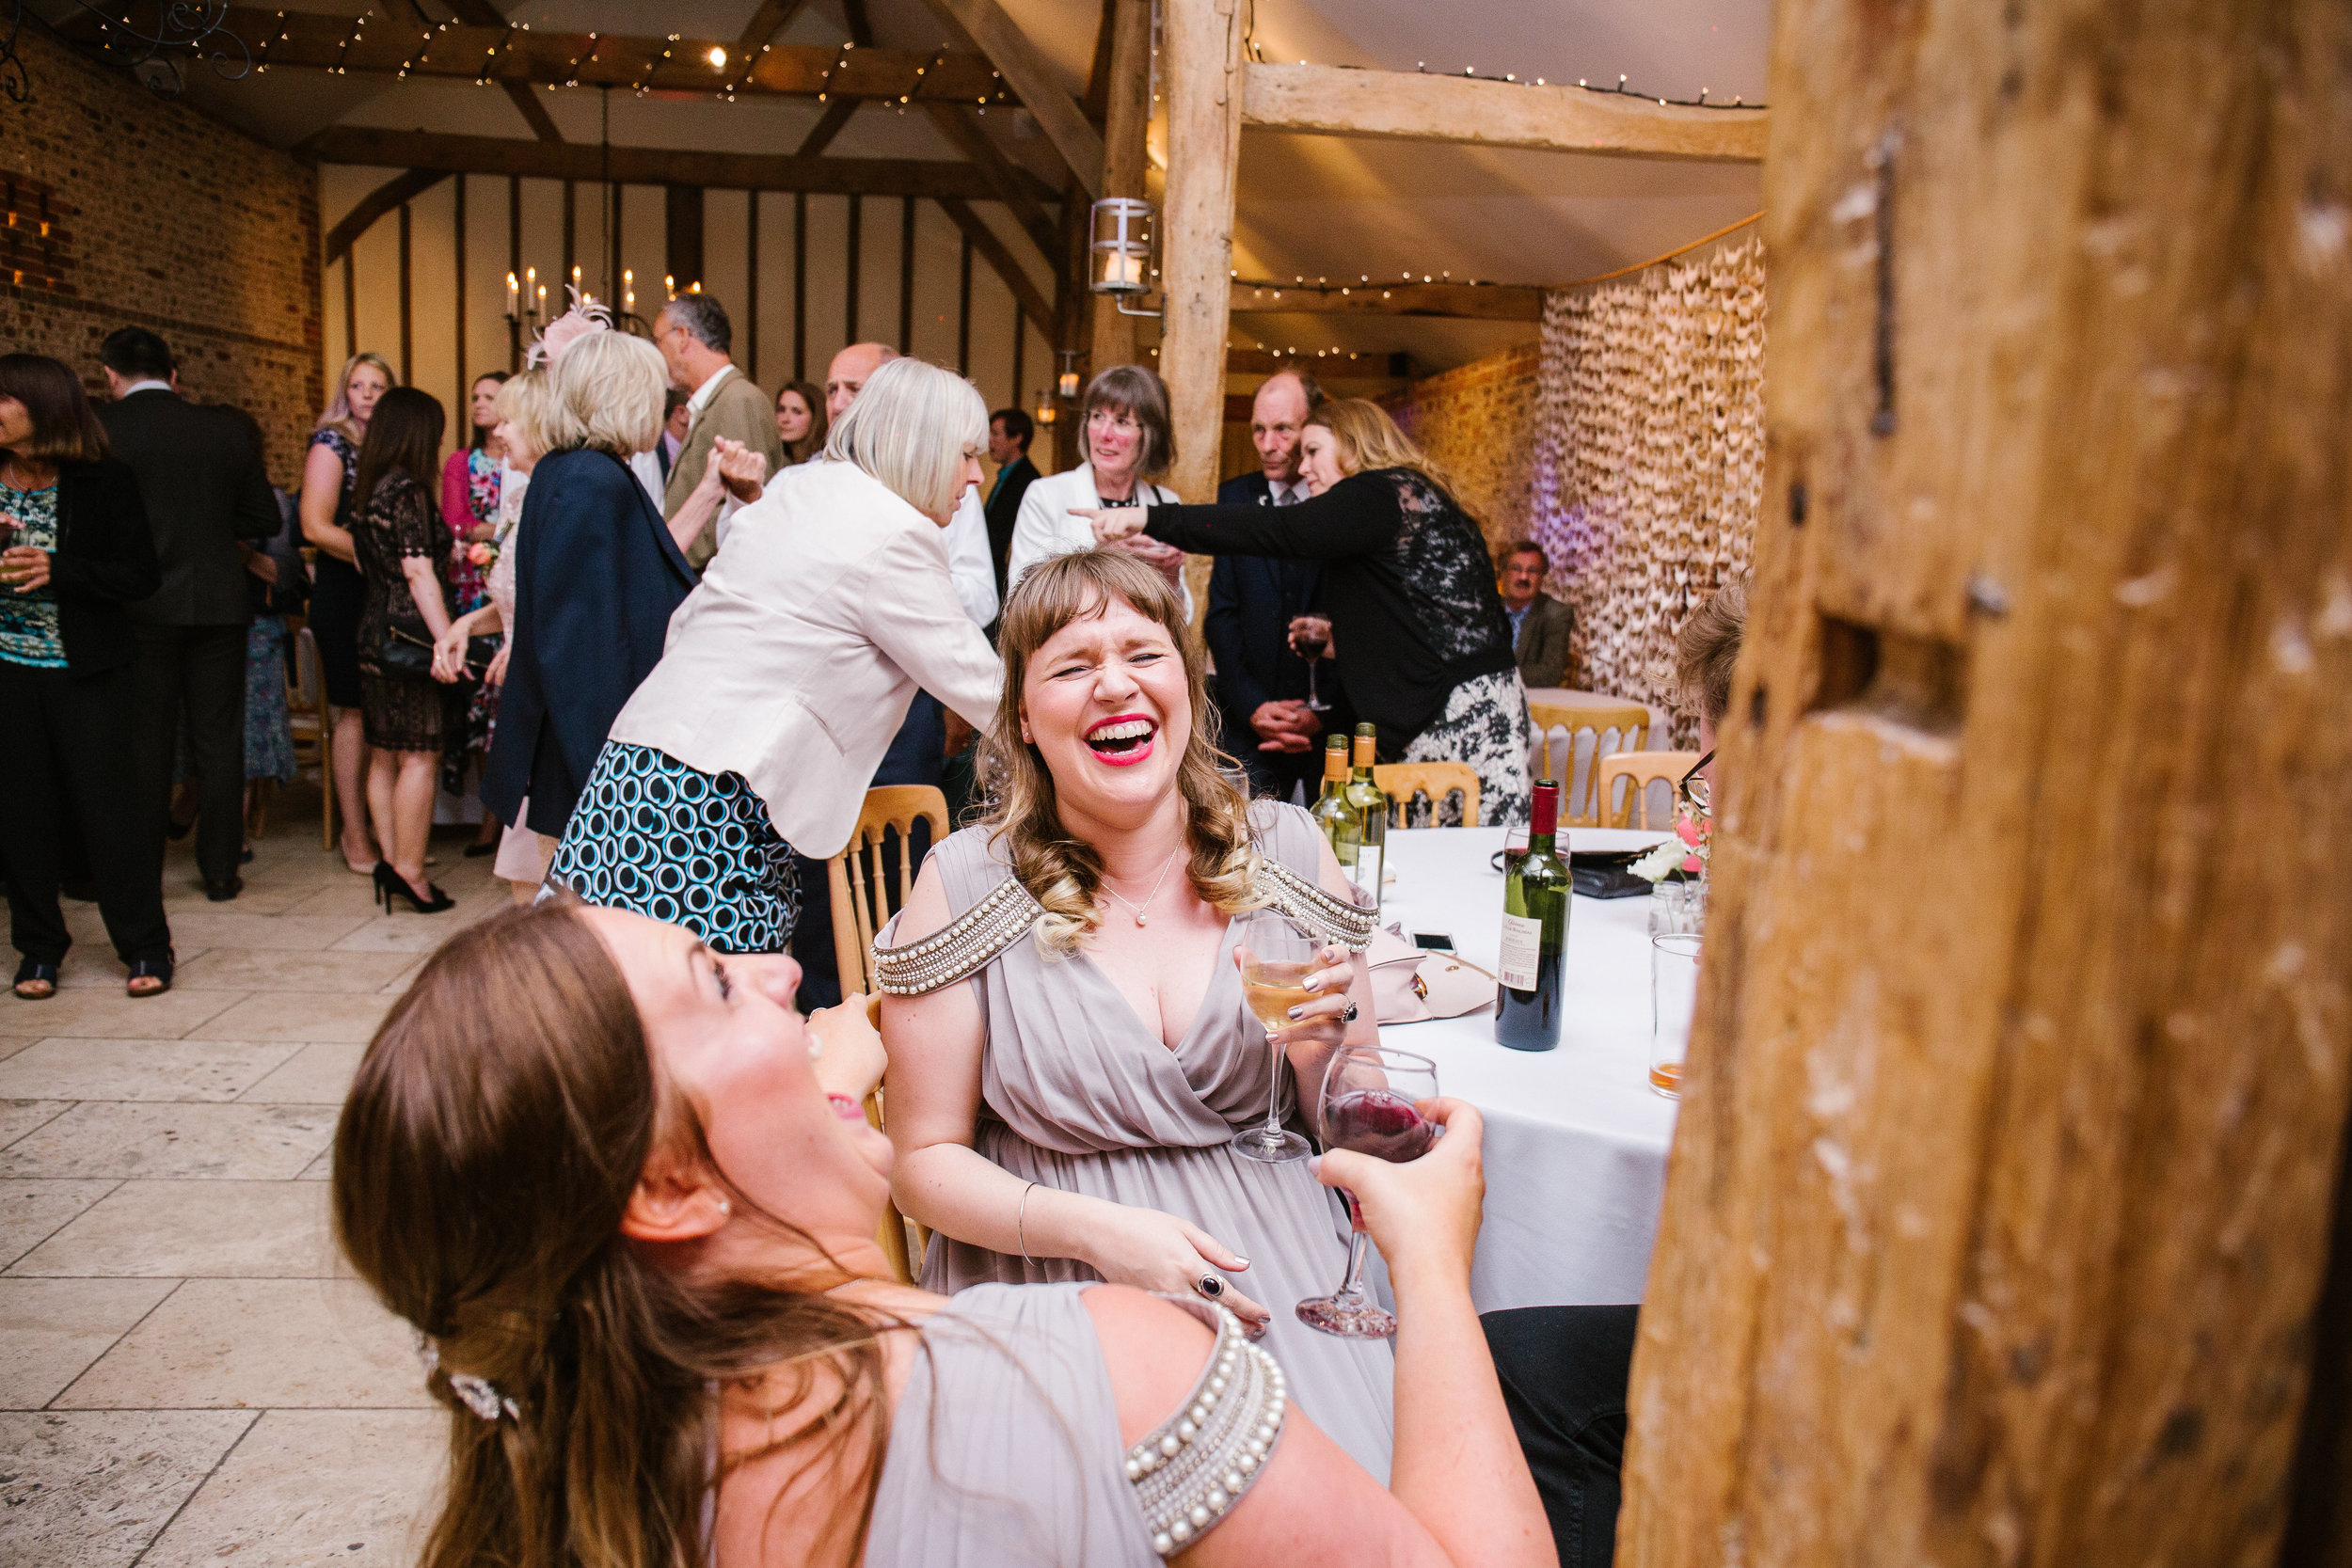 fun photo of bridesmaids laughing together at a diy wedding at upwaltham barns